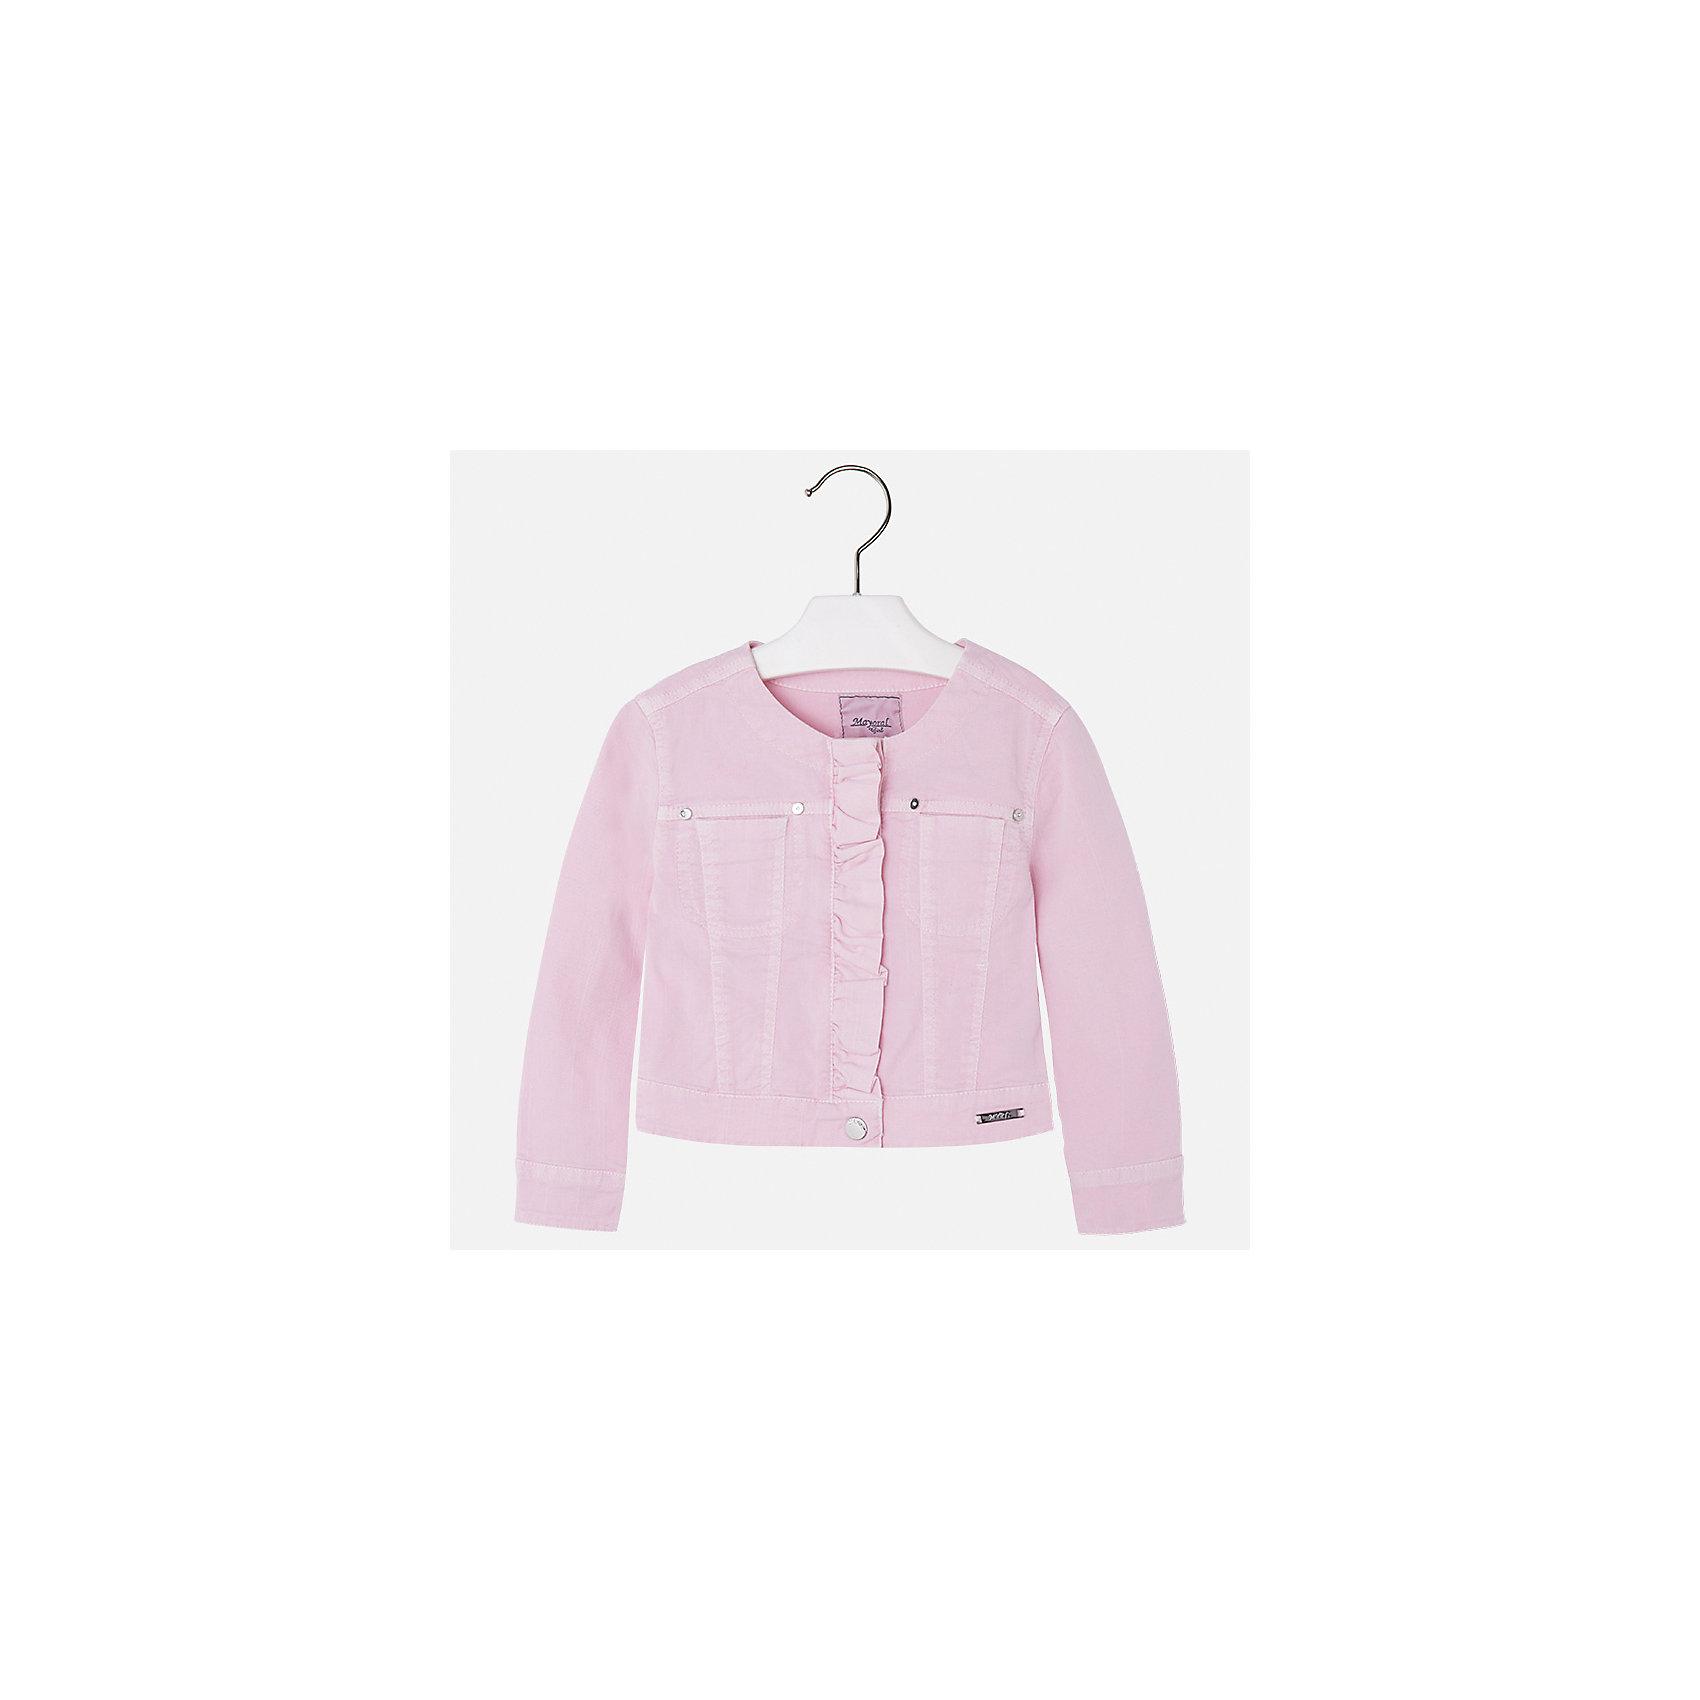 Куртка для девочки MayoralХарактеристики товара:<br><br>• цвет: розовый<br>• состав: 98% хлопок, 2% эластан<br>• планка<br>• карманы<br>• с длинными рукавами <br>• украшена оборкой<br>• страна бренда: Испания<br><br>Стильная куртка для девочки поможет разнообразить гардероб ребенка и обеспечить тепло в прохладную погоду. Она отлично сочетается и с юбками, и с брюками. Красивый цвет позволяет подобрать к вещи низ различных расцветок. Интересная отделка модели делает её нарядной и стильной. Оригинальной и модной куртку делает оборка на планке.<br><br>Одежда, обувь и аксессуары от испанского бренда Mayoral полюбились детям и взрослым по всему миру. Модели этой марки - стильные и удобные. Для их производства используются только безопасные, качественные материалы и фурнитура. Порадуйте ребенка модными и красивыми вещами от Mayoral! <br><br>Куртку для девочки от испанского бренда Mayoral (Майорал) можно купить в нашем интернет-магазине.<br><br>Ширина мм: 356<br>Глубина мм: 10<br>Высота мм: 245<br>Вес г: 519<br>Цвет: розовый<br>Возраст от месяцев: 48<br>Возраст до месяцев: 60<br>Пол: Женский<br>Возраст: Детский<br>Размер: 110,116,122,128,134,92,98,104<br>SKU: 5290100